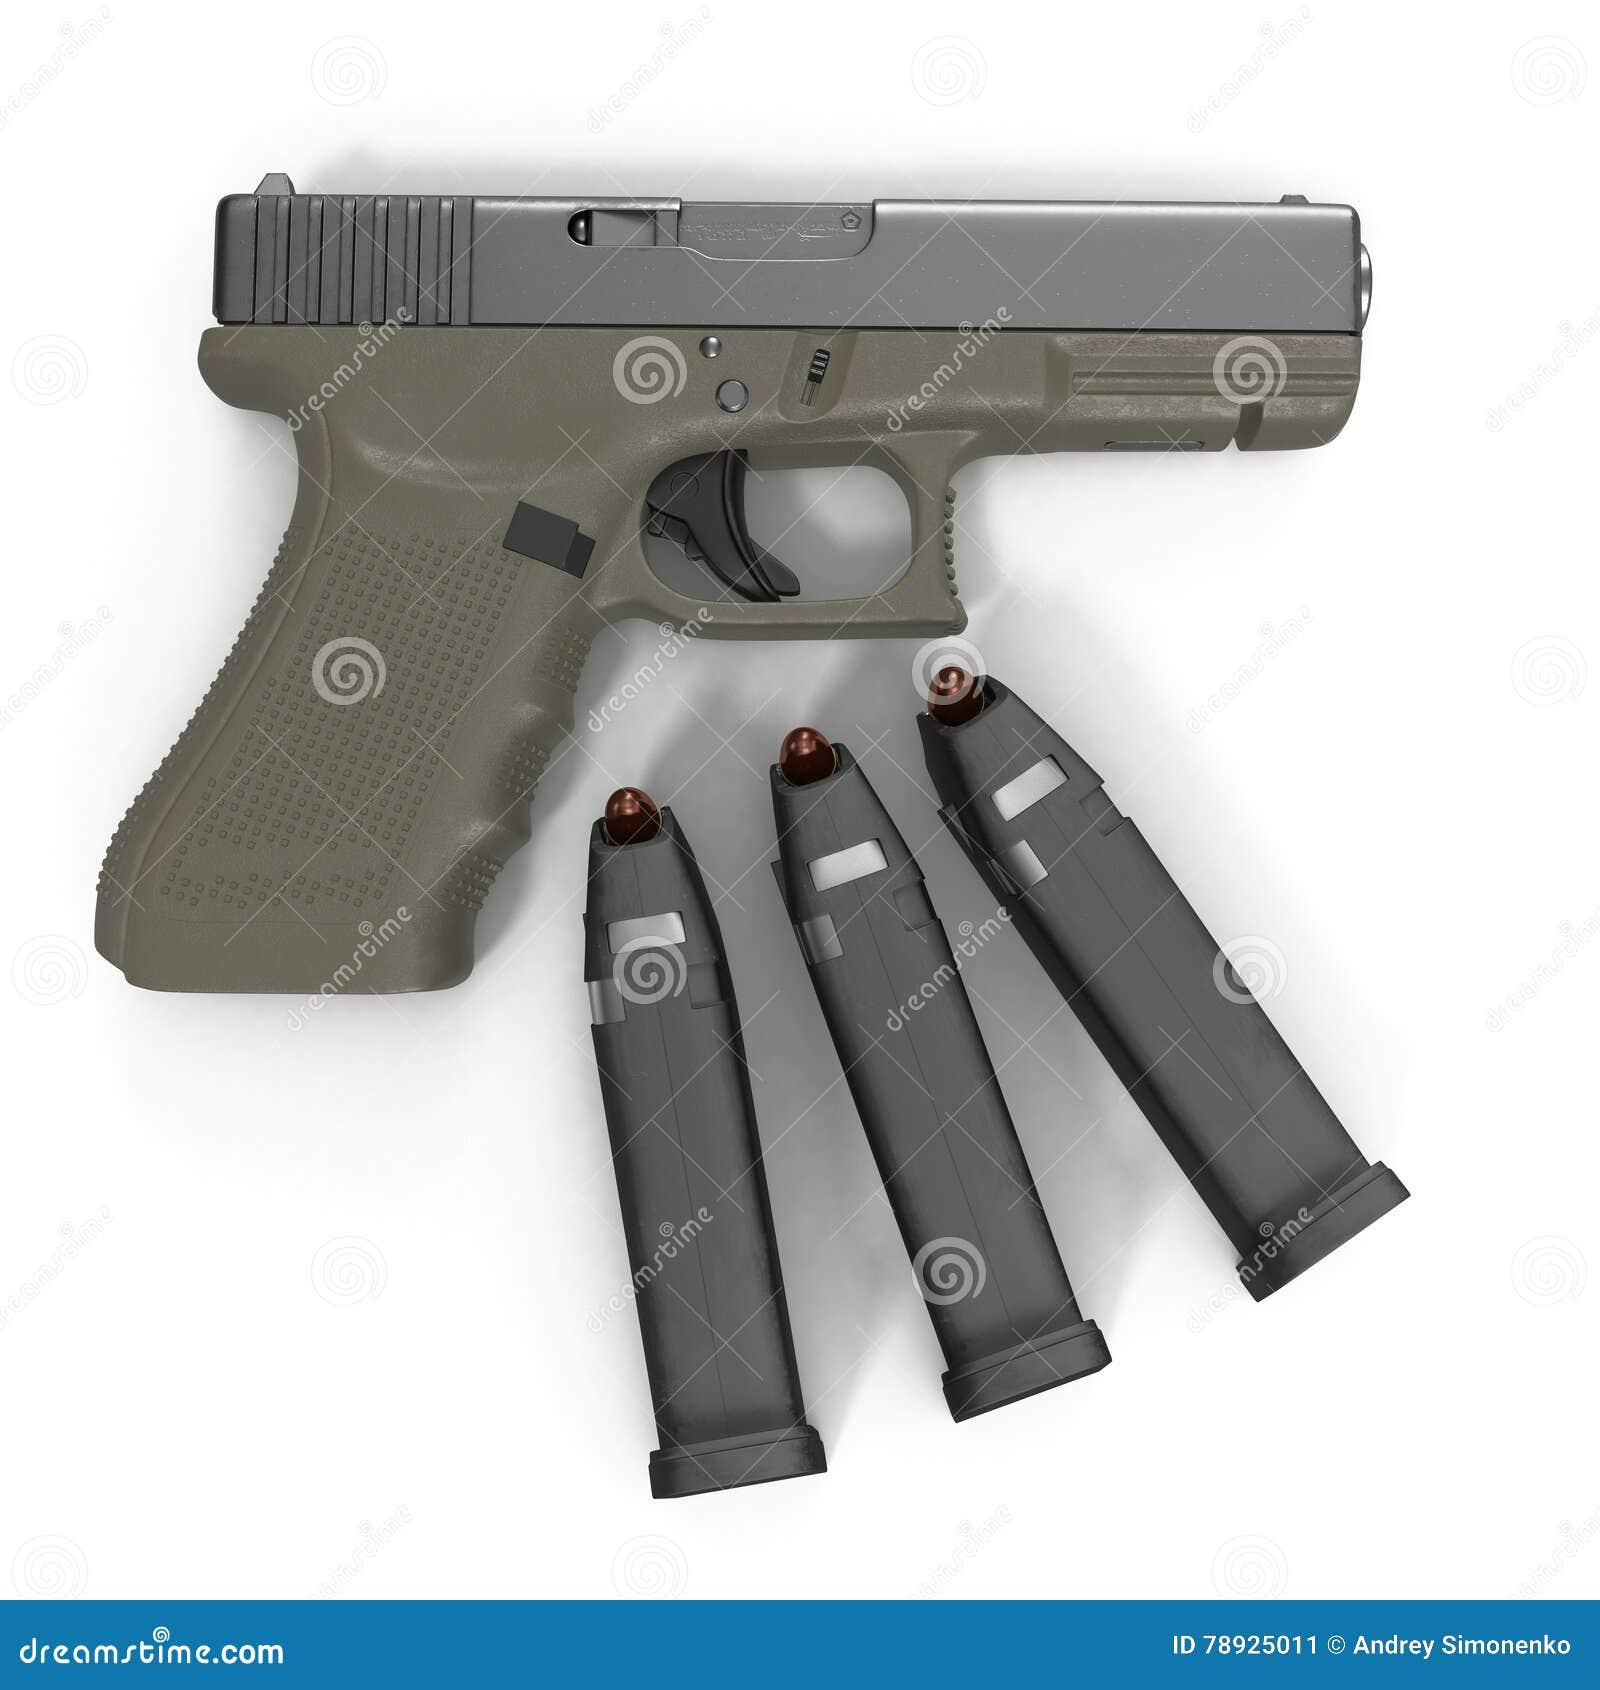 Pistola semi automática com compartimento e munição em um branco ilustração 3D